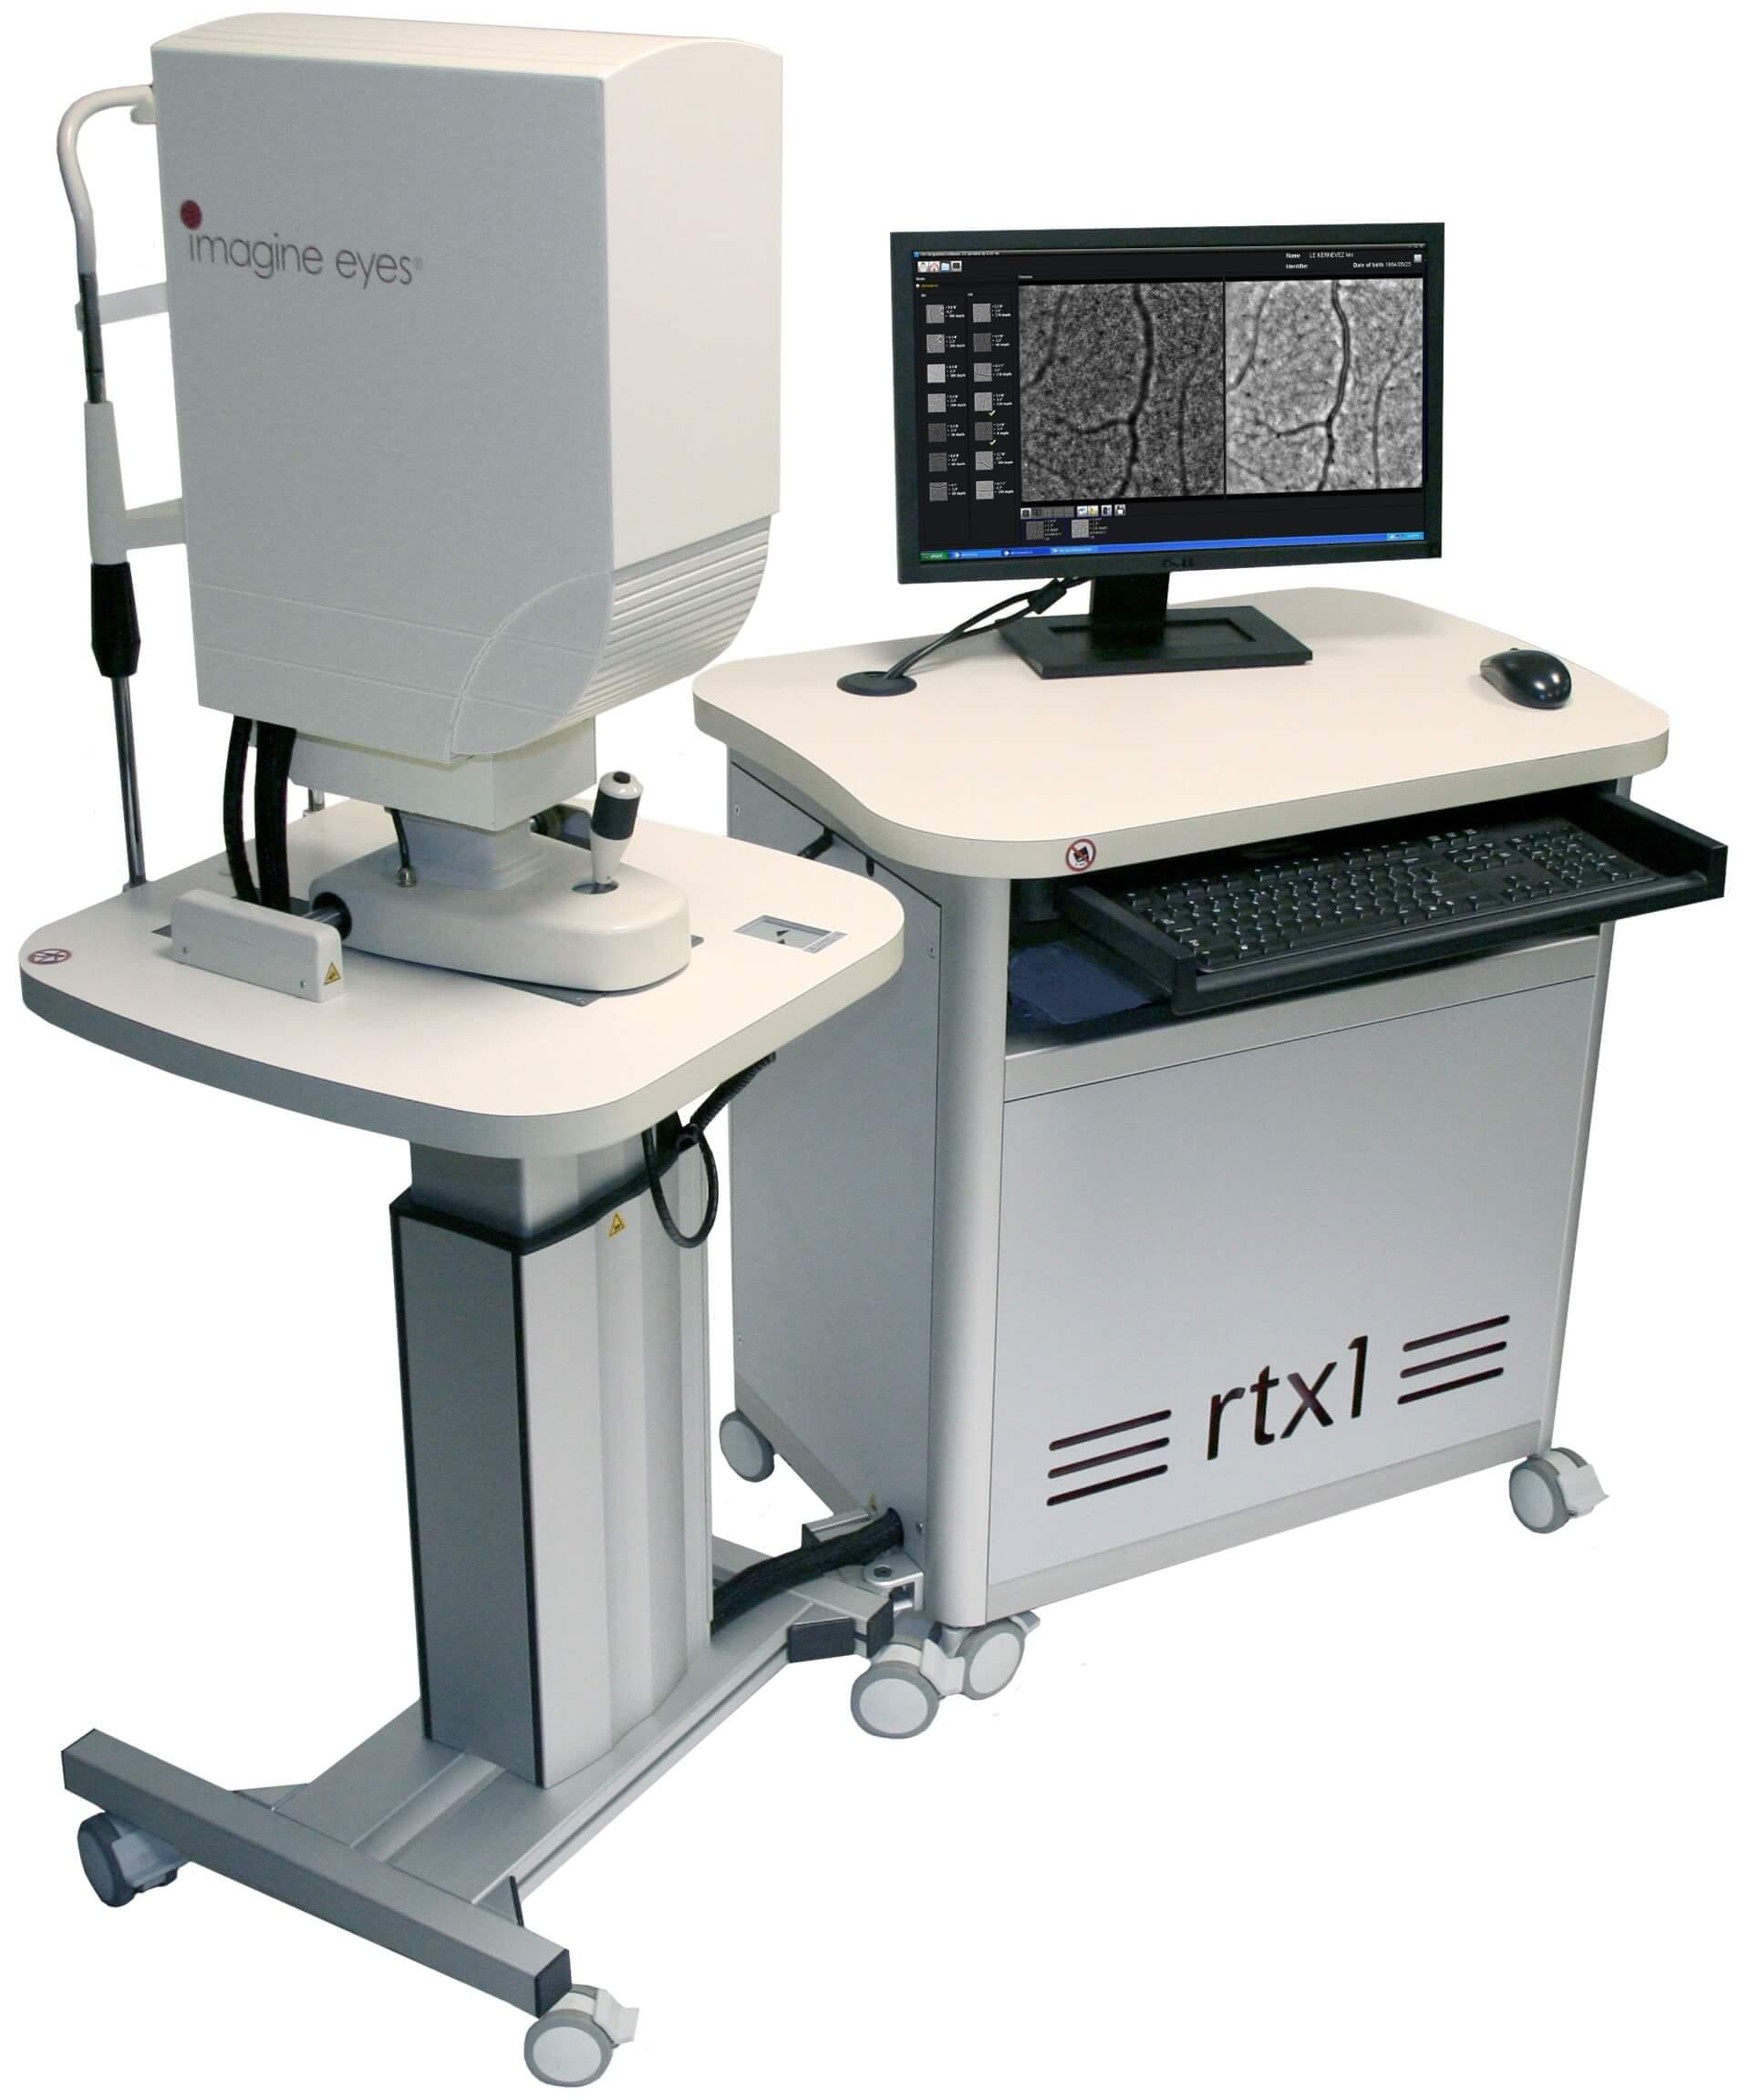 RTX1 - Adaptiivinen optiikka - silmänpohjakamera